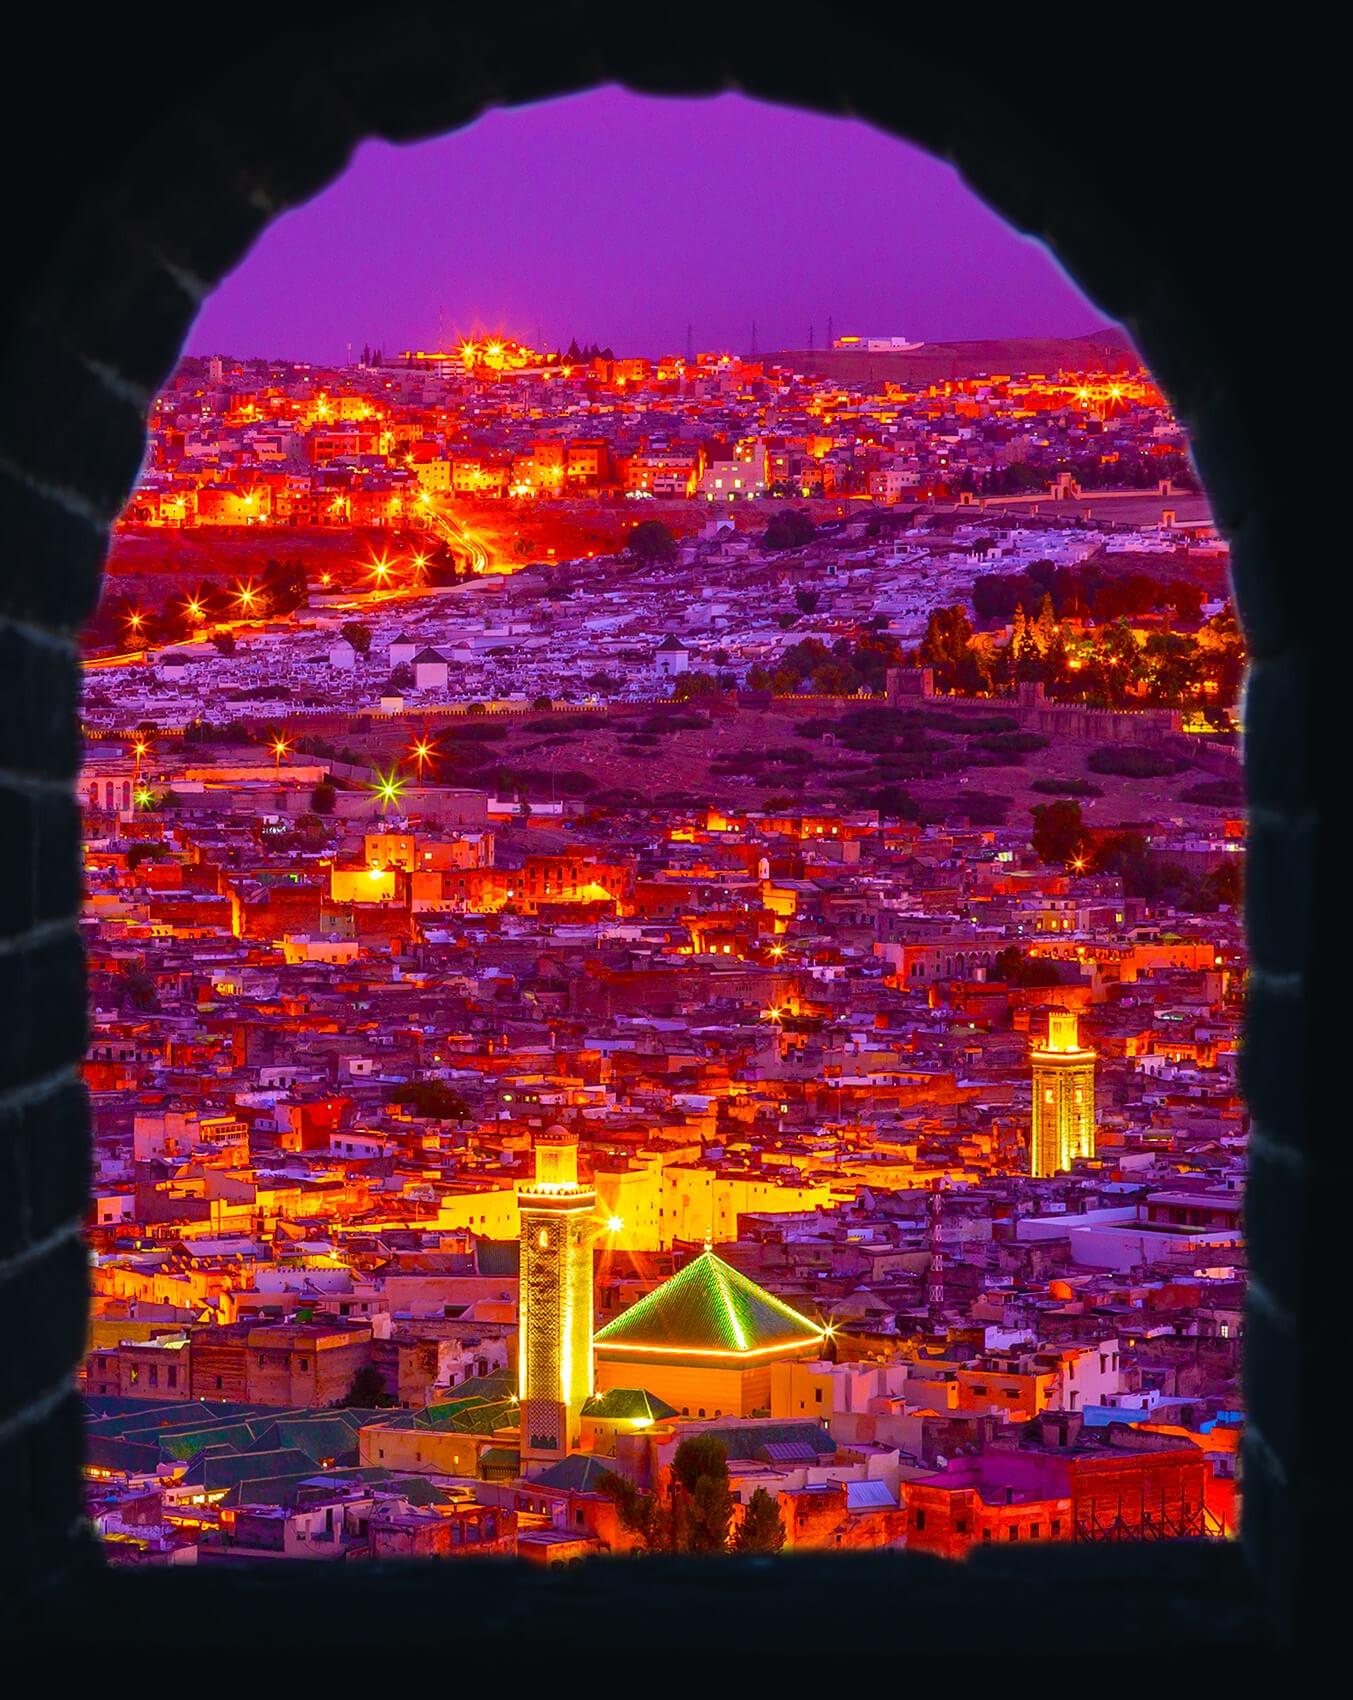 Fez, Morocco on Acid